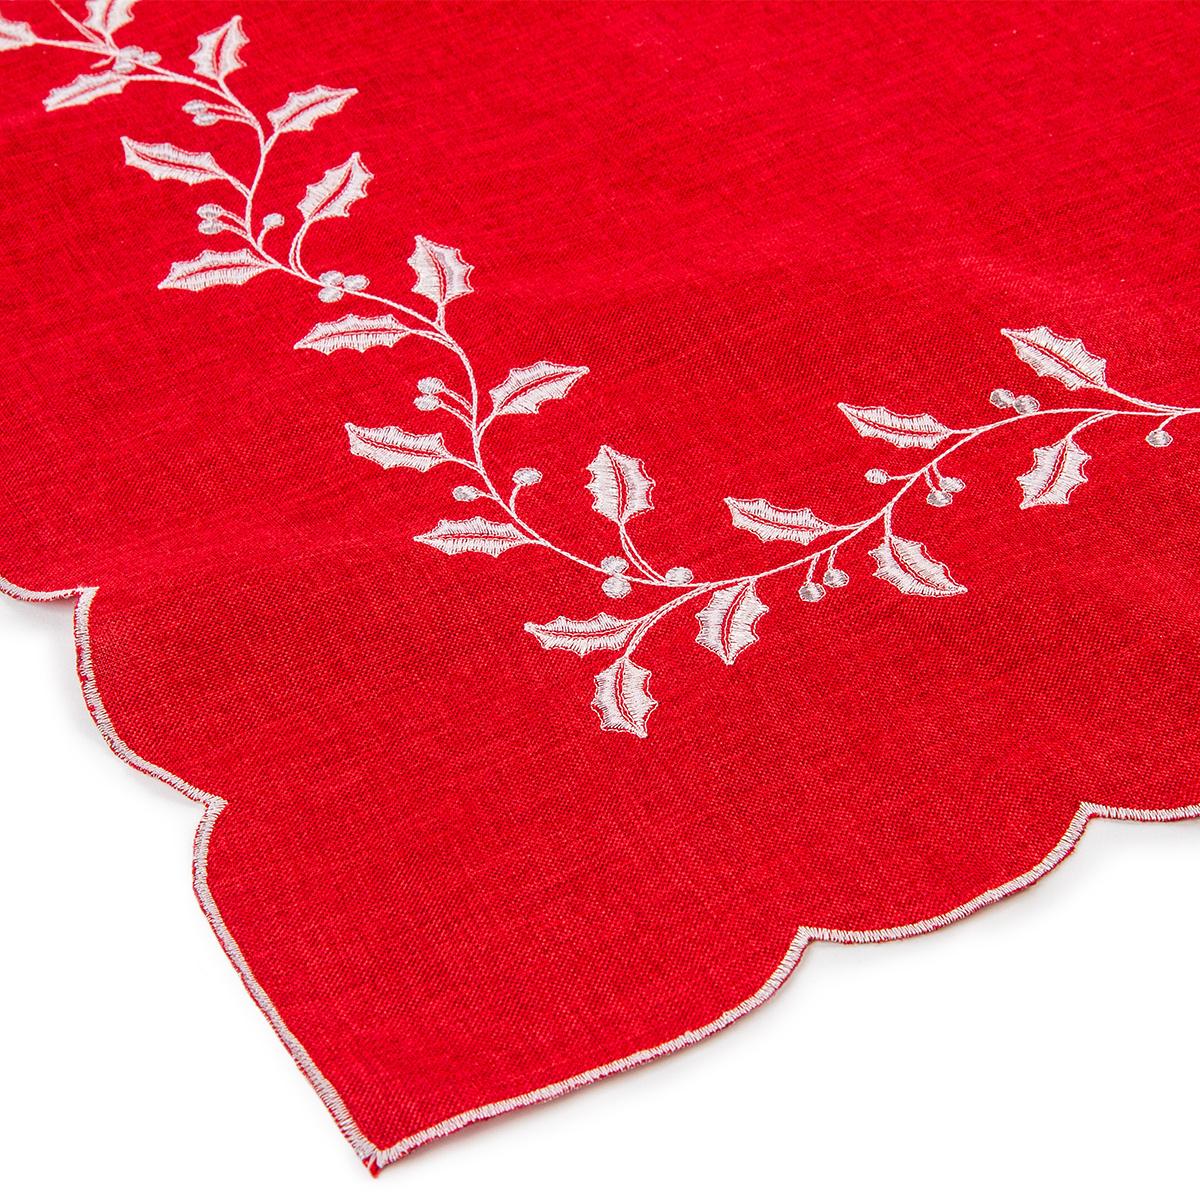 Vánoční ubrus Cesmína červená, 30 x 45 cm